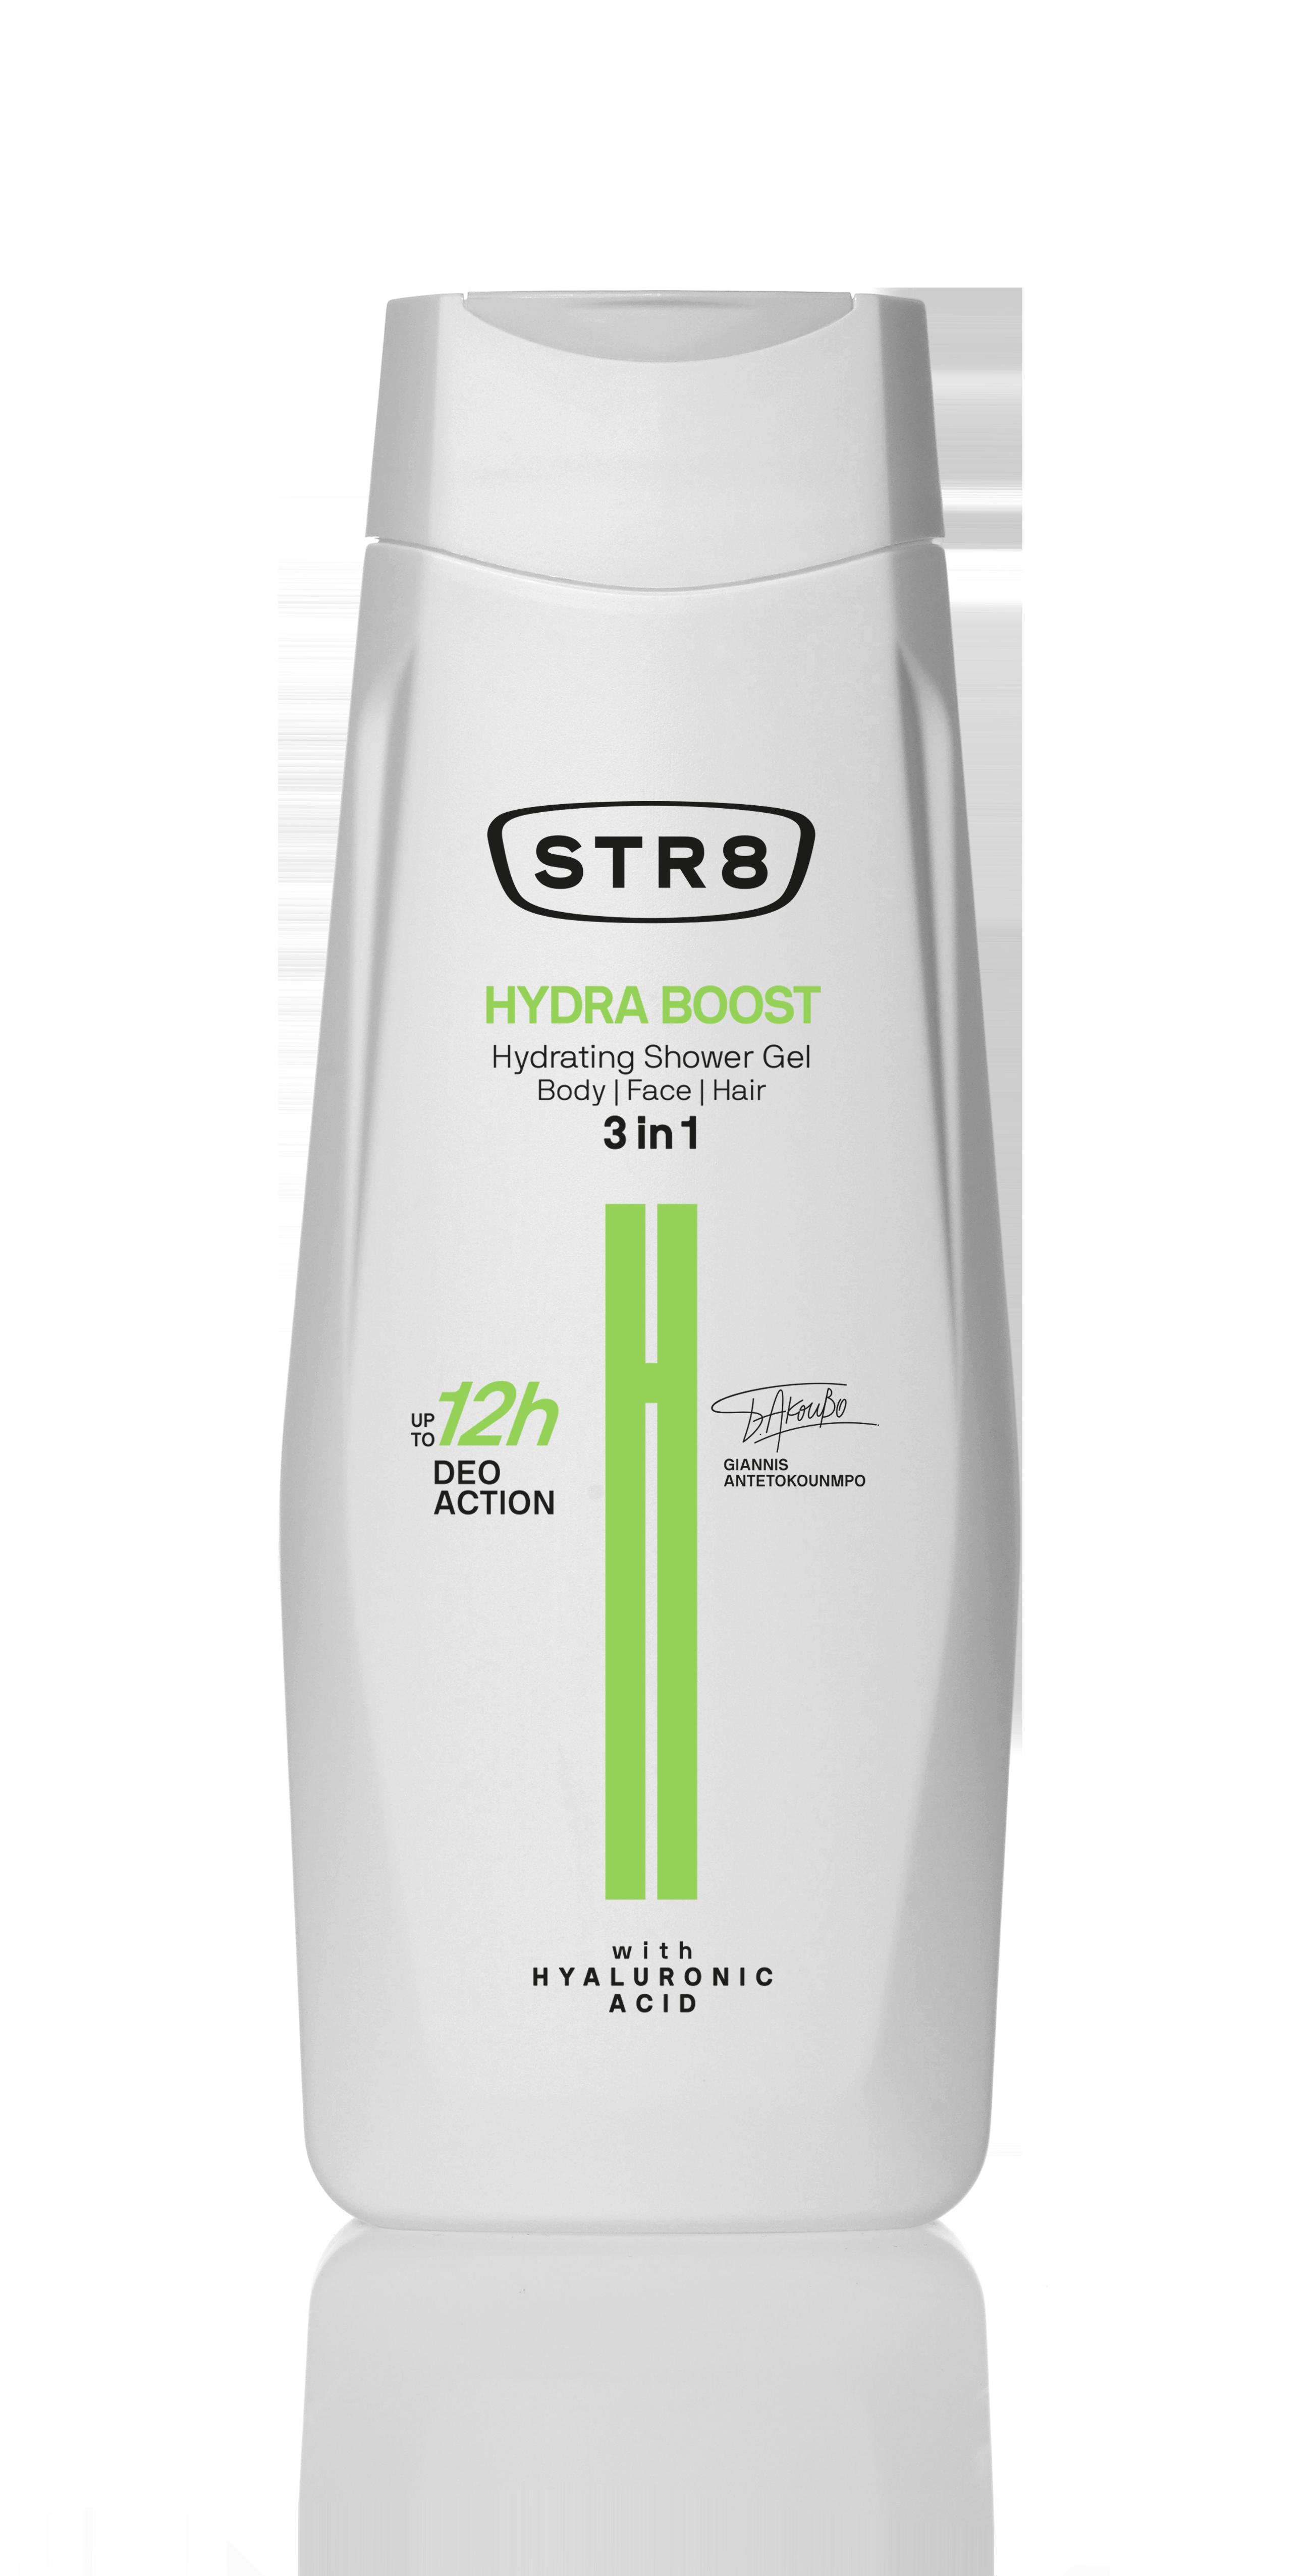 STR8 Sprchový gel Hydra Boost 400 ml